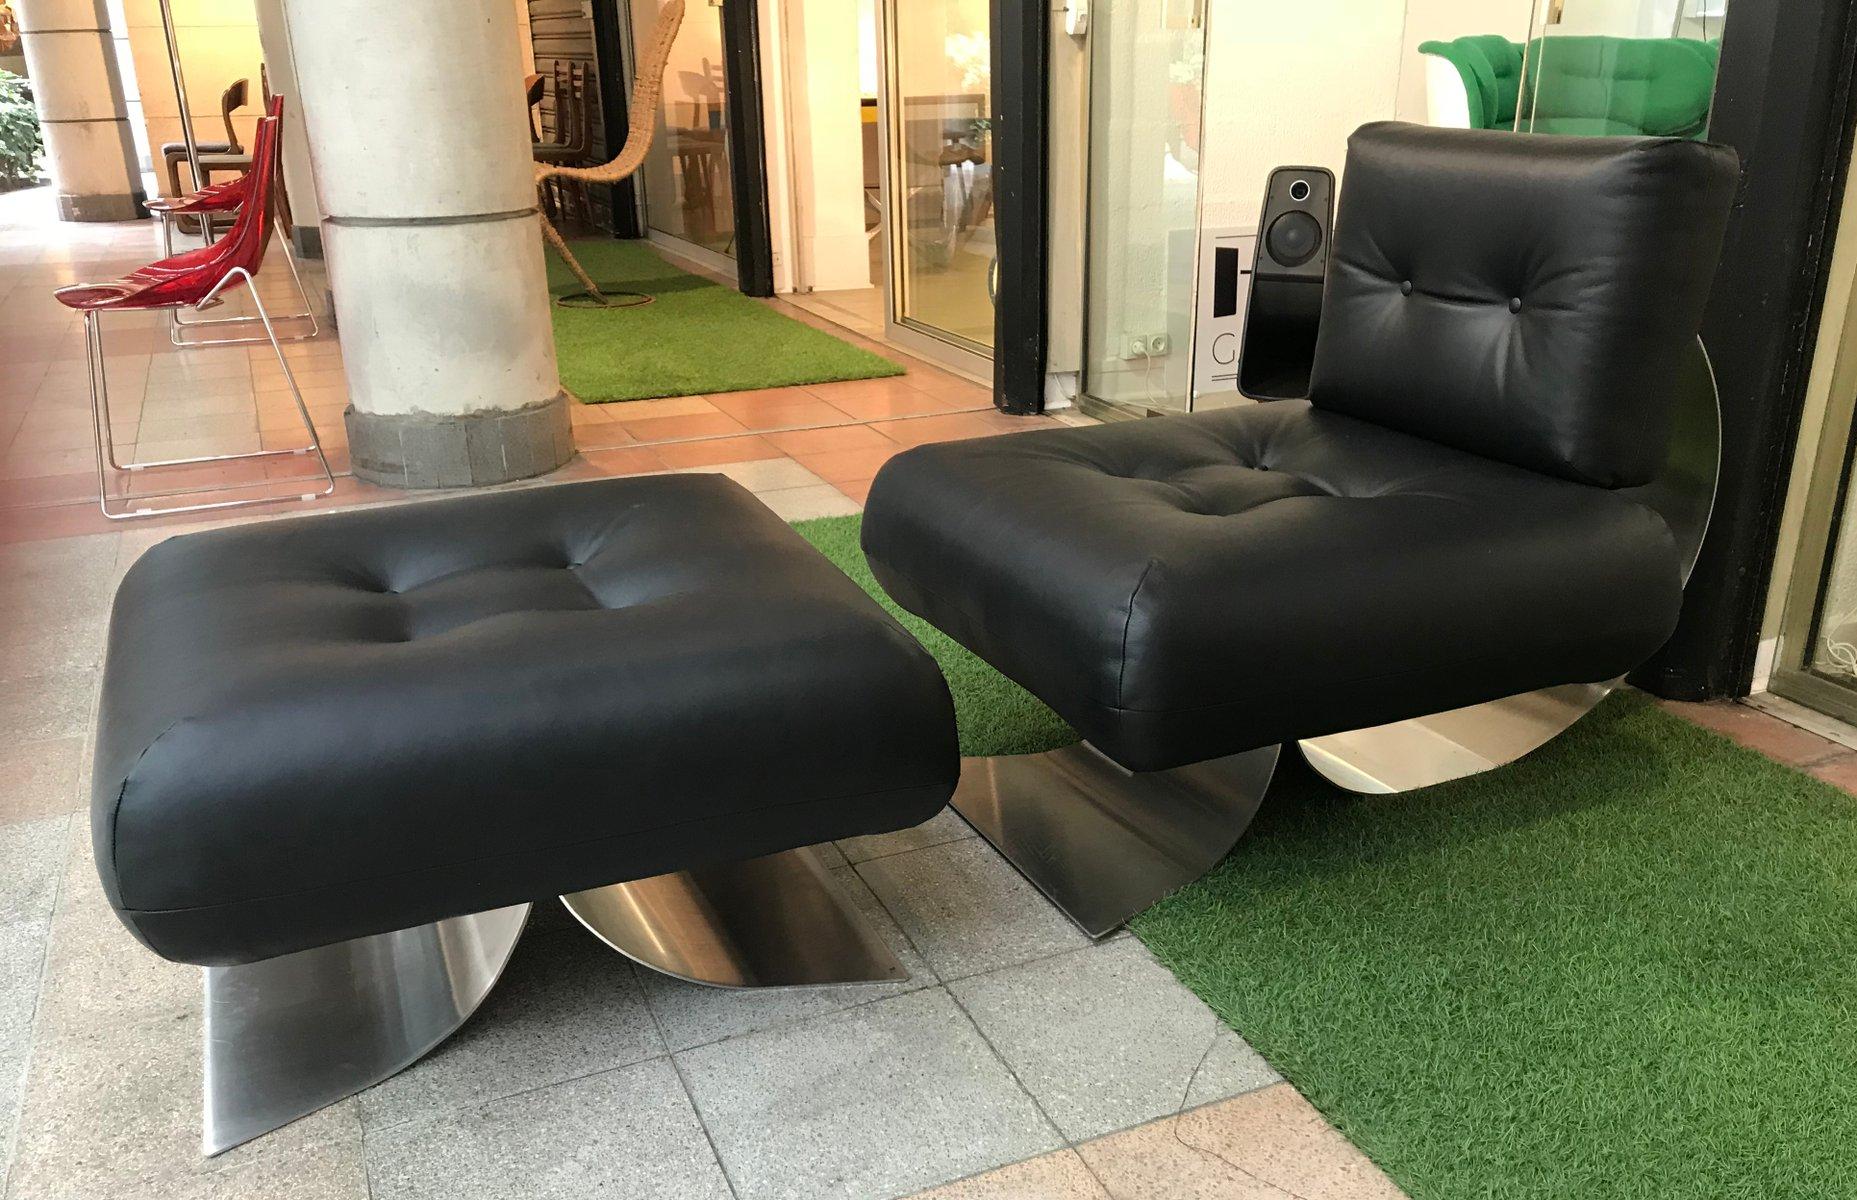 Brazilia ON1 Sessel & Ottomane von Oscar Niemeyer für Mobilier Interna...